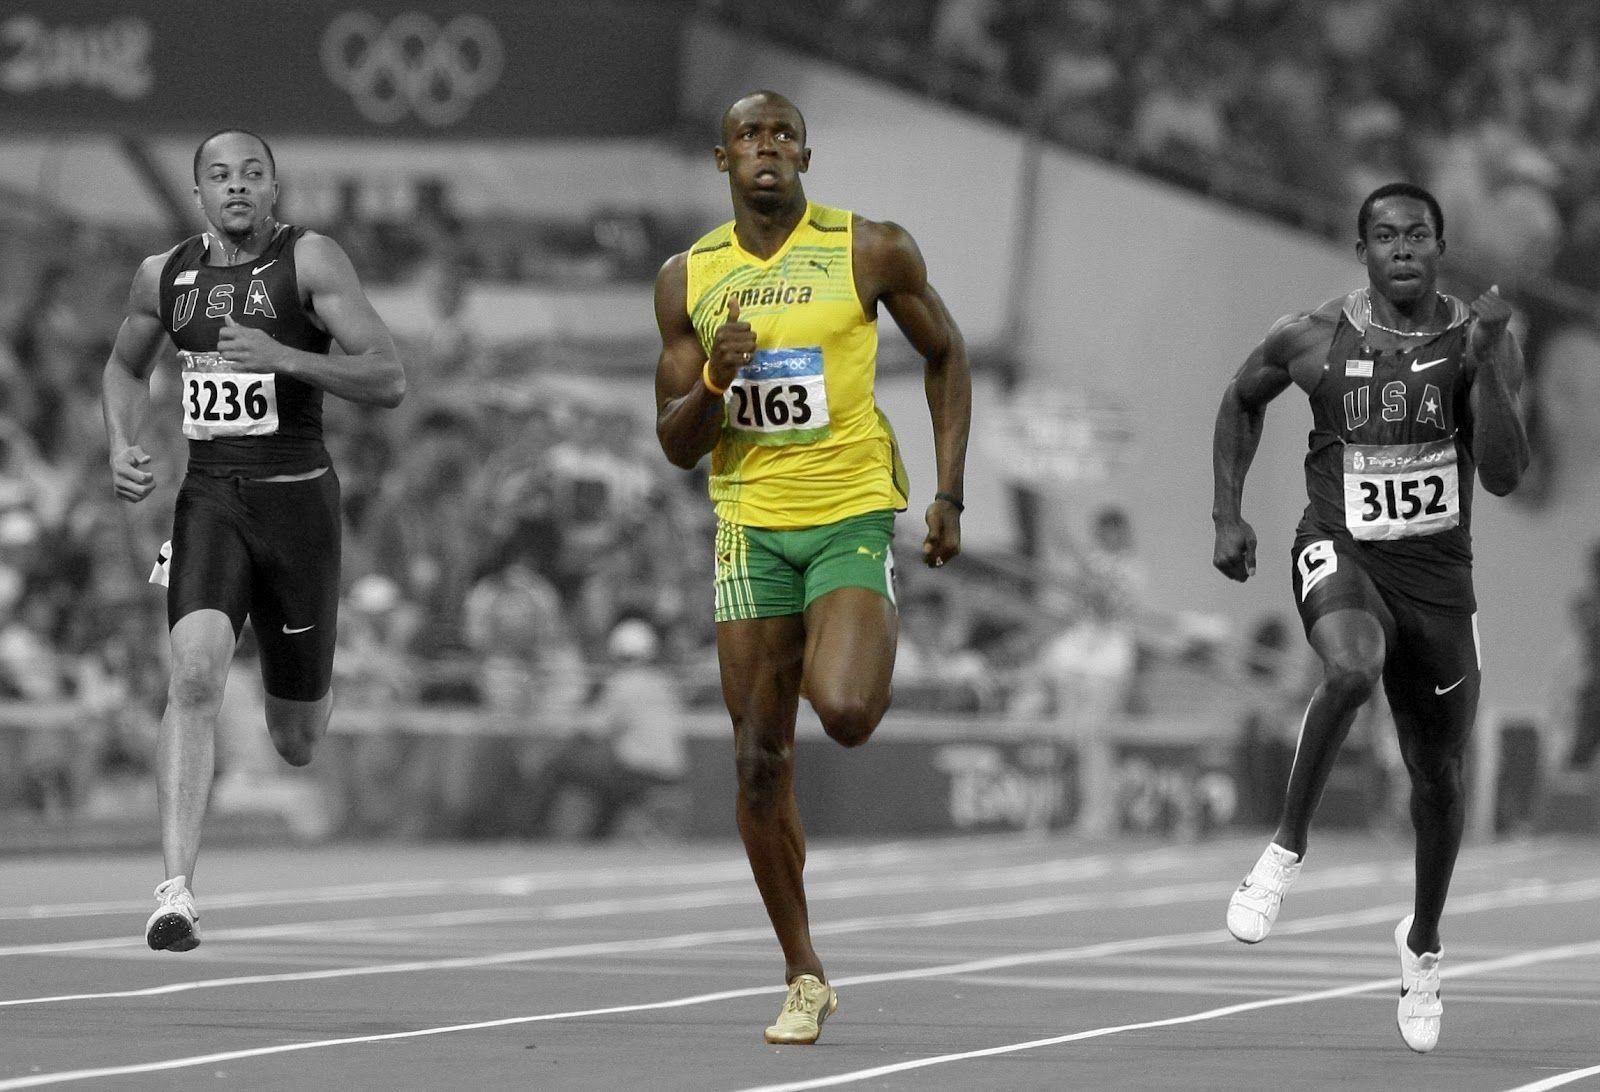 Usain Bolt Hd Wallpapers Hd Wallpapers Inn Usain Bolt Usain Bolt Running Sprinter